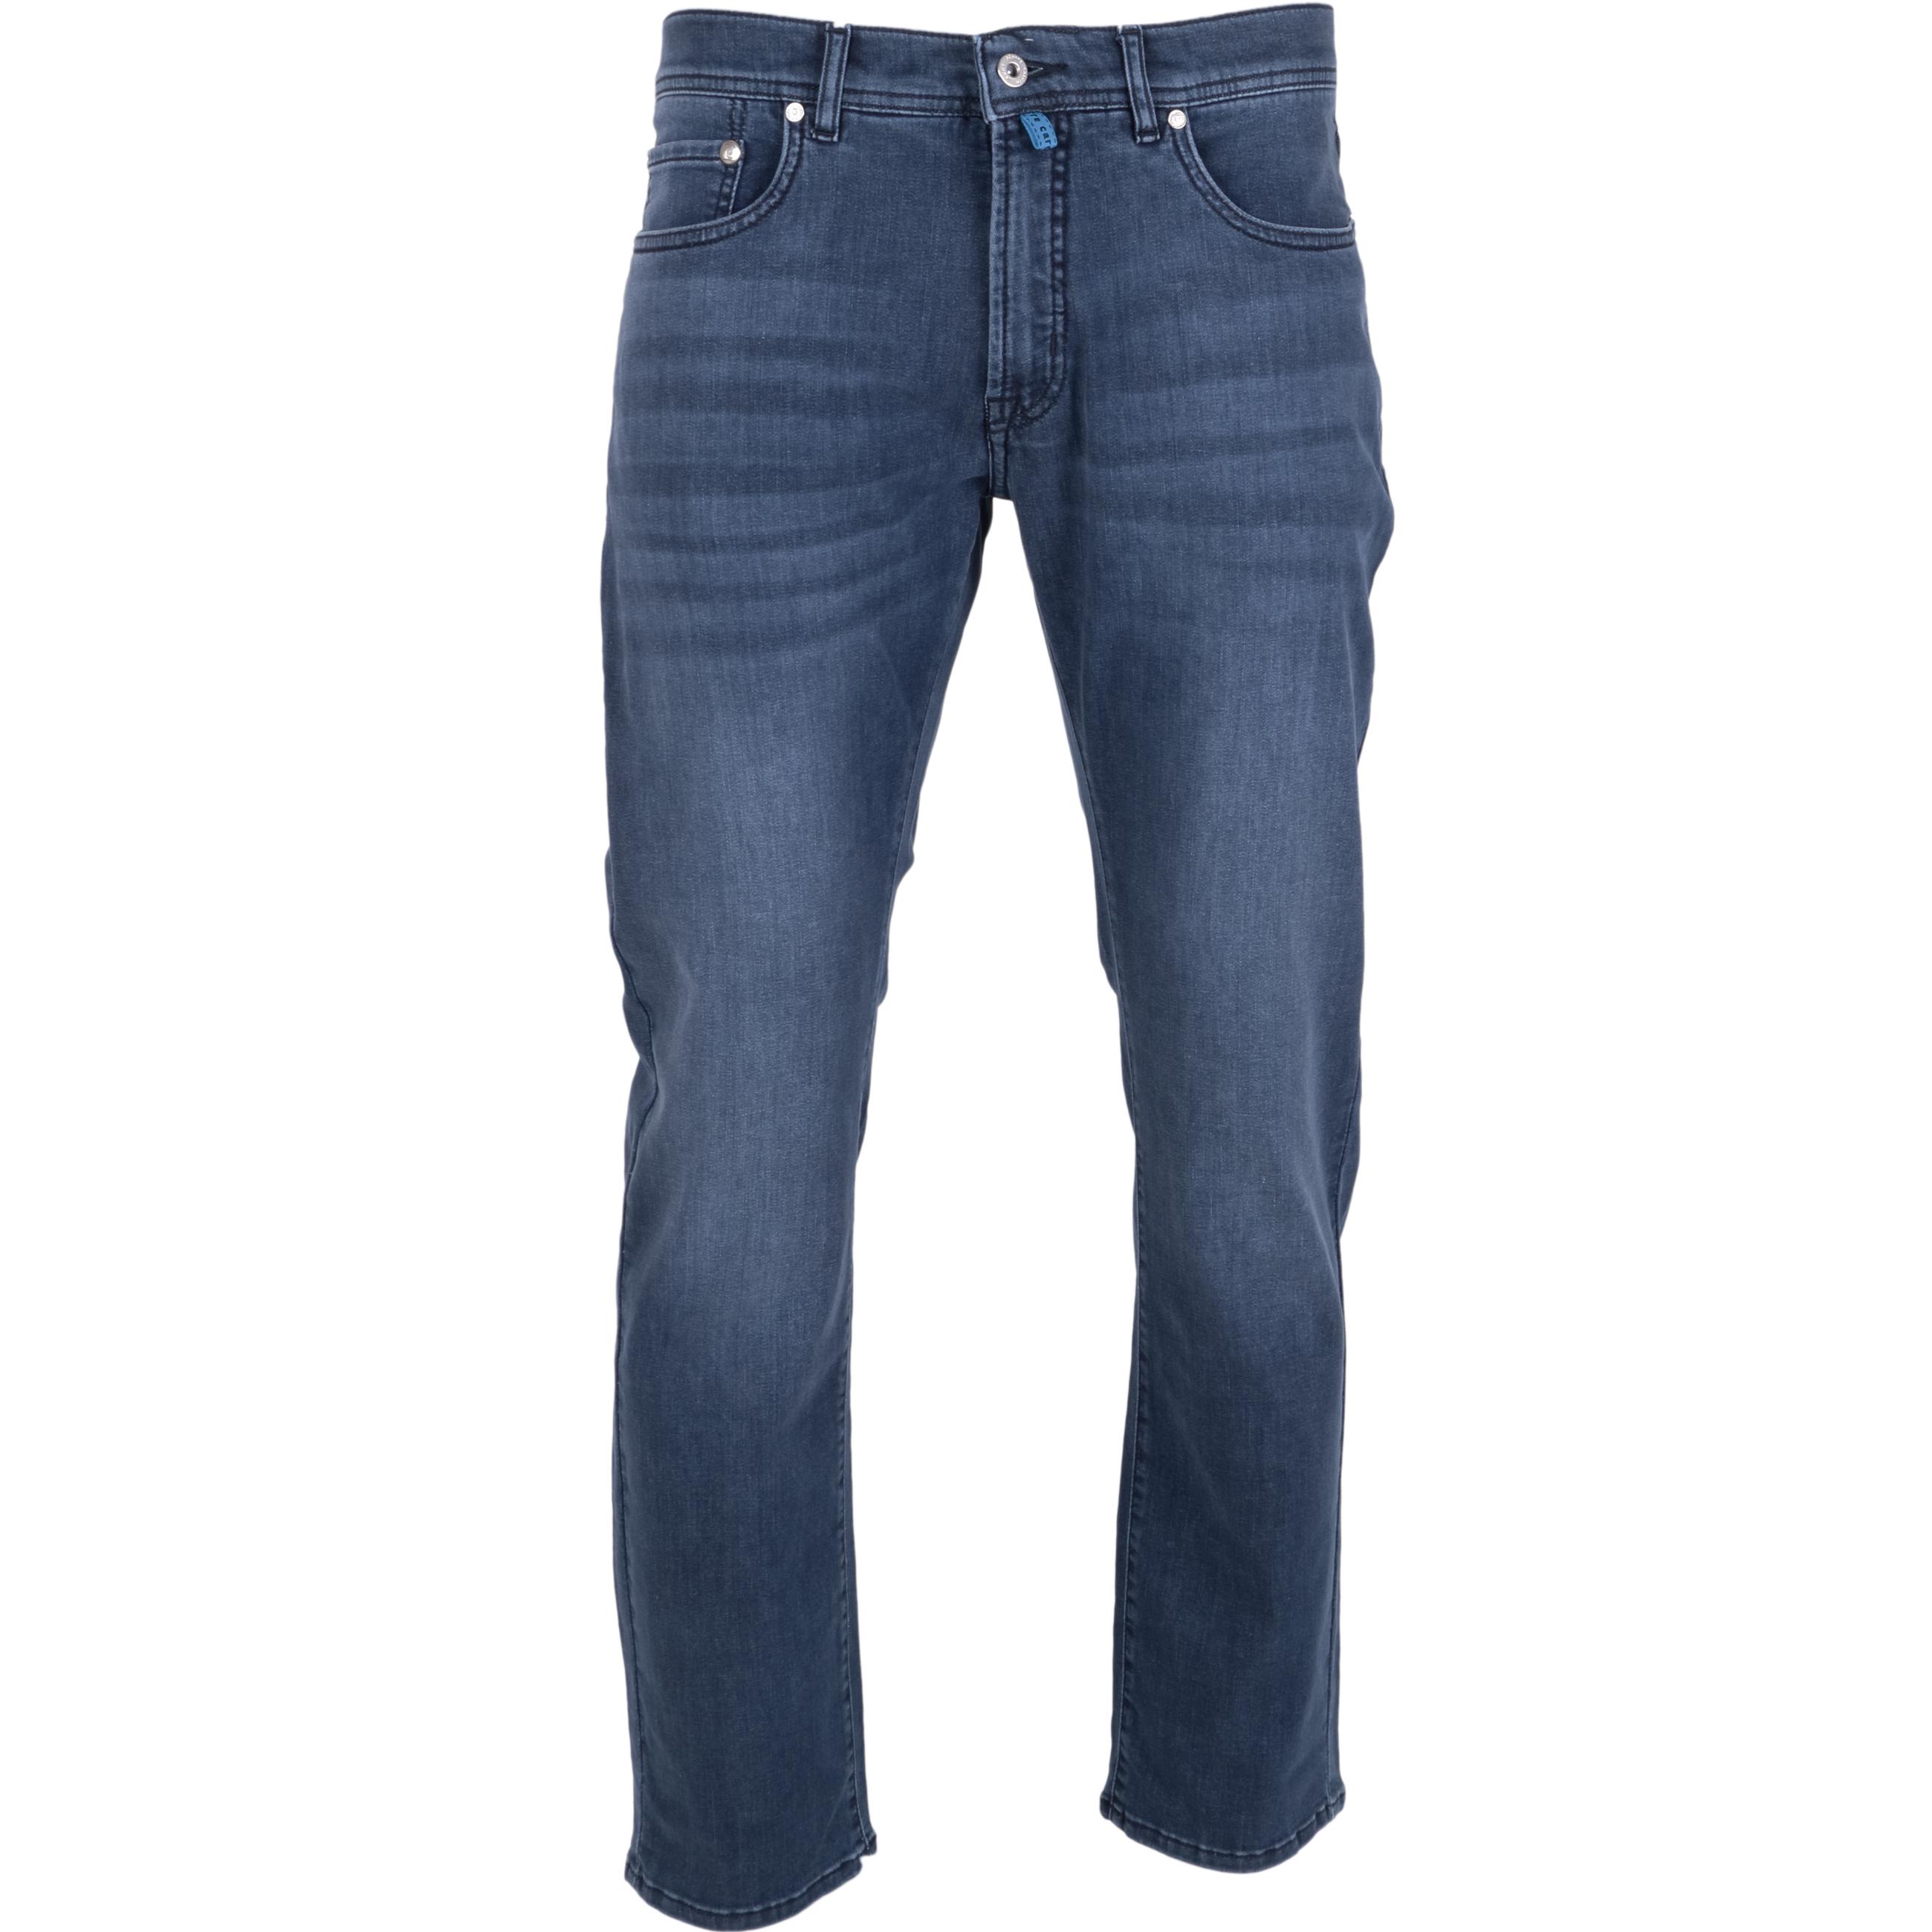 Pierre Cardin Herren Jeans Lyon 33/34